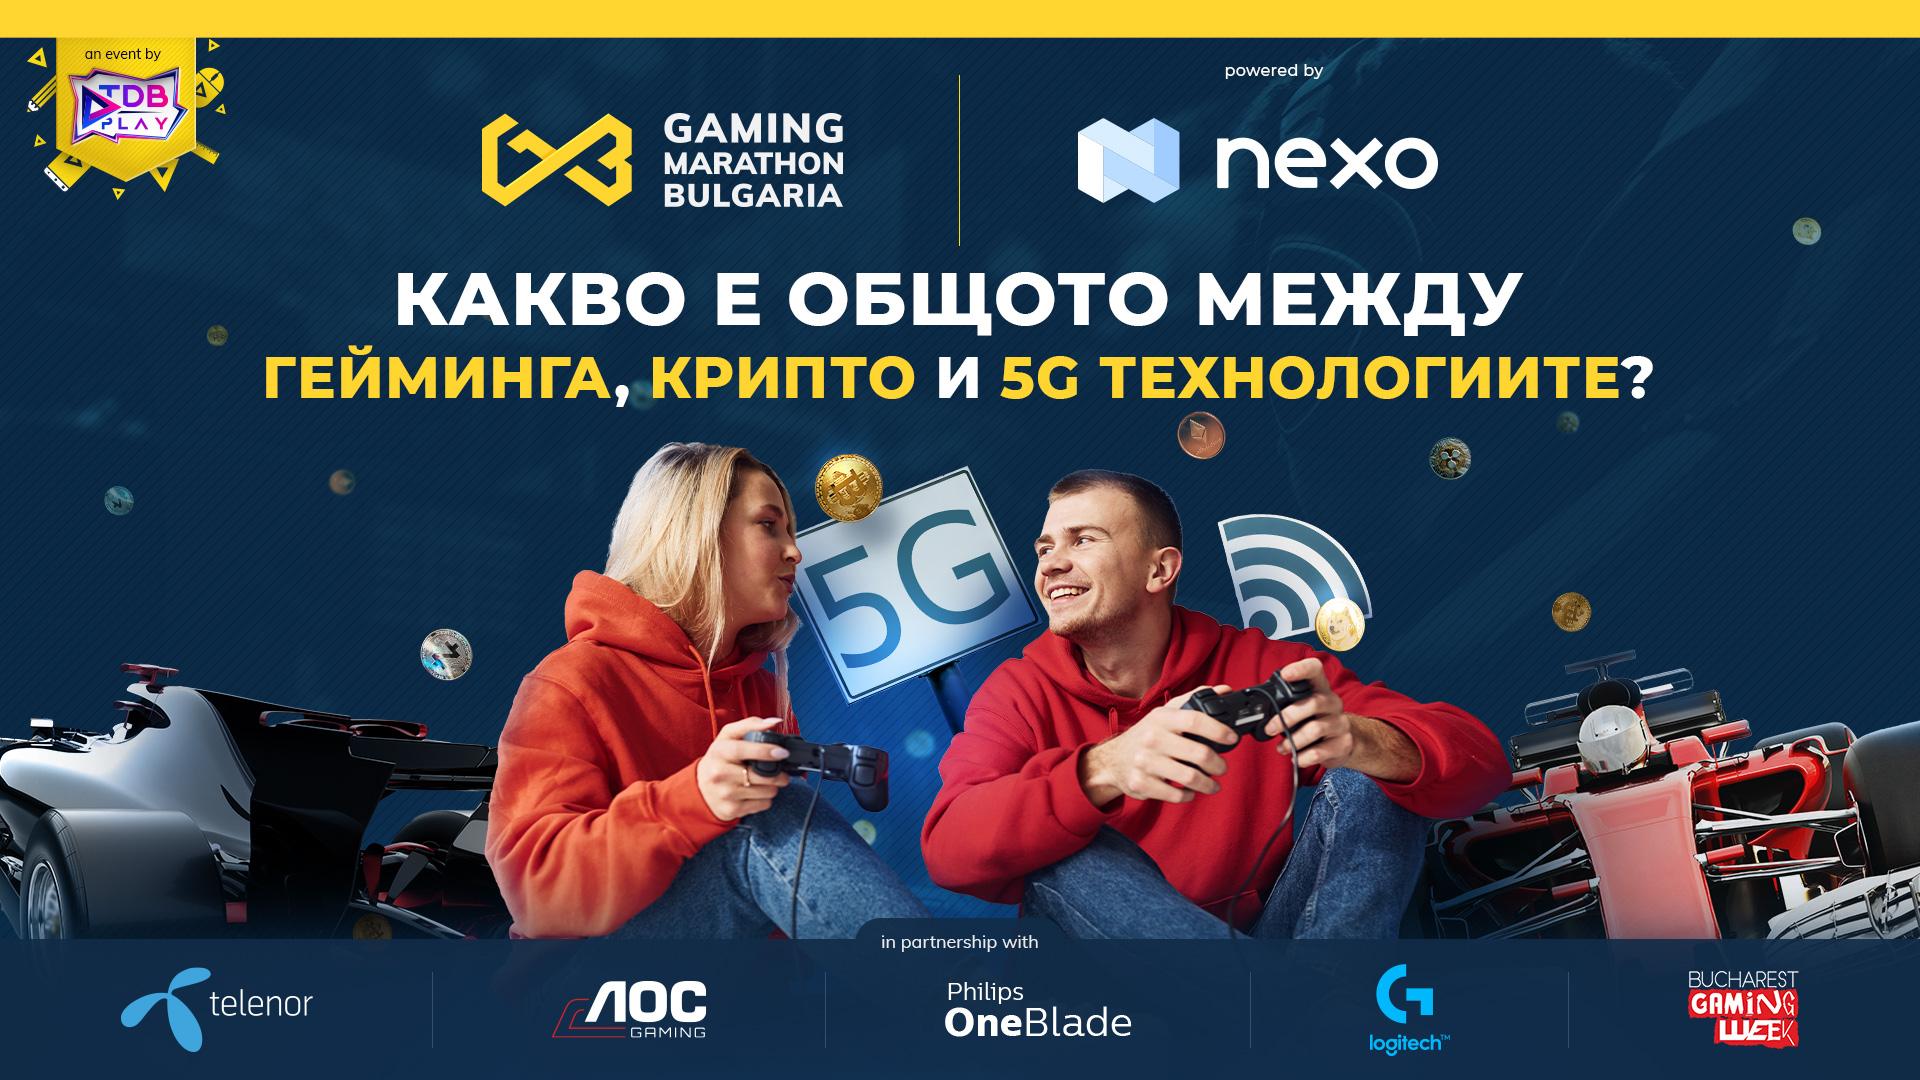 Какво е общото между видео игрите, крипто, 5G технологиите и автомобилните спортове ще разберем на третото издание на Българския гейминг маратон